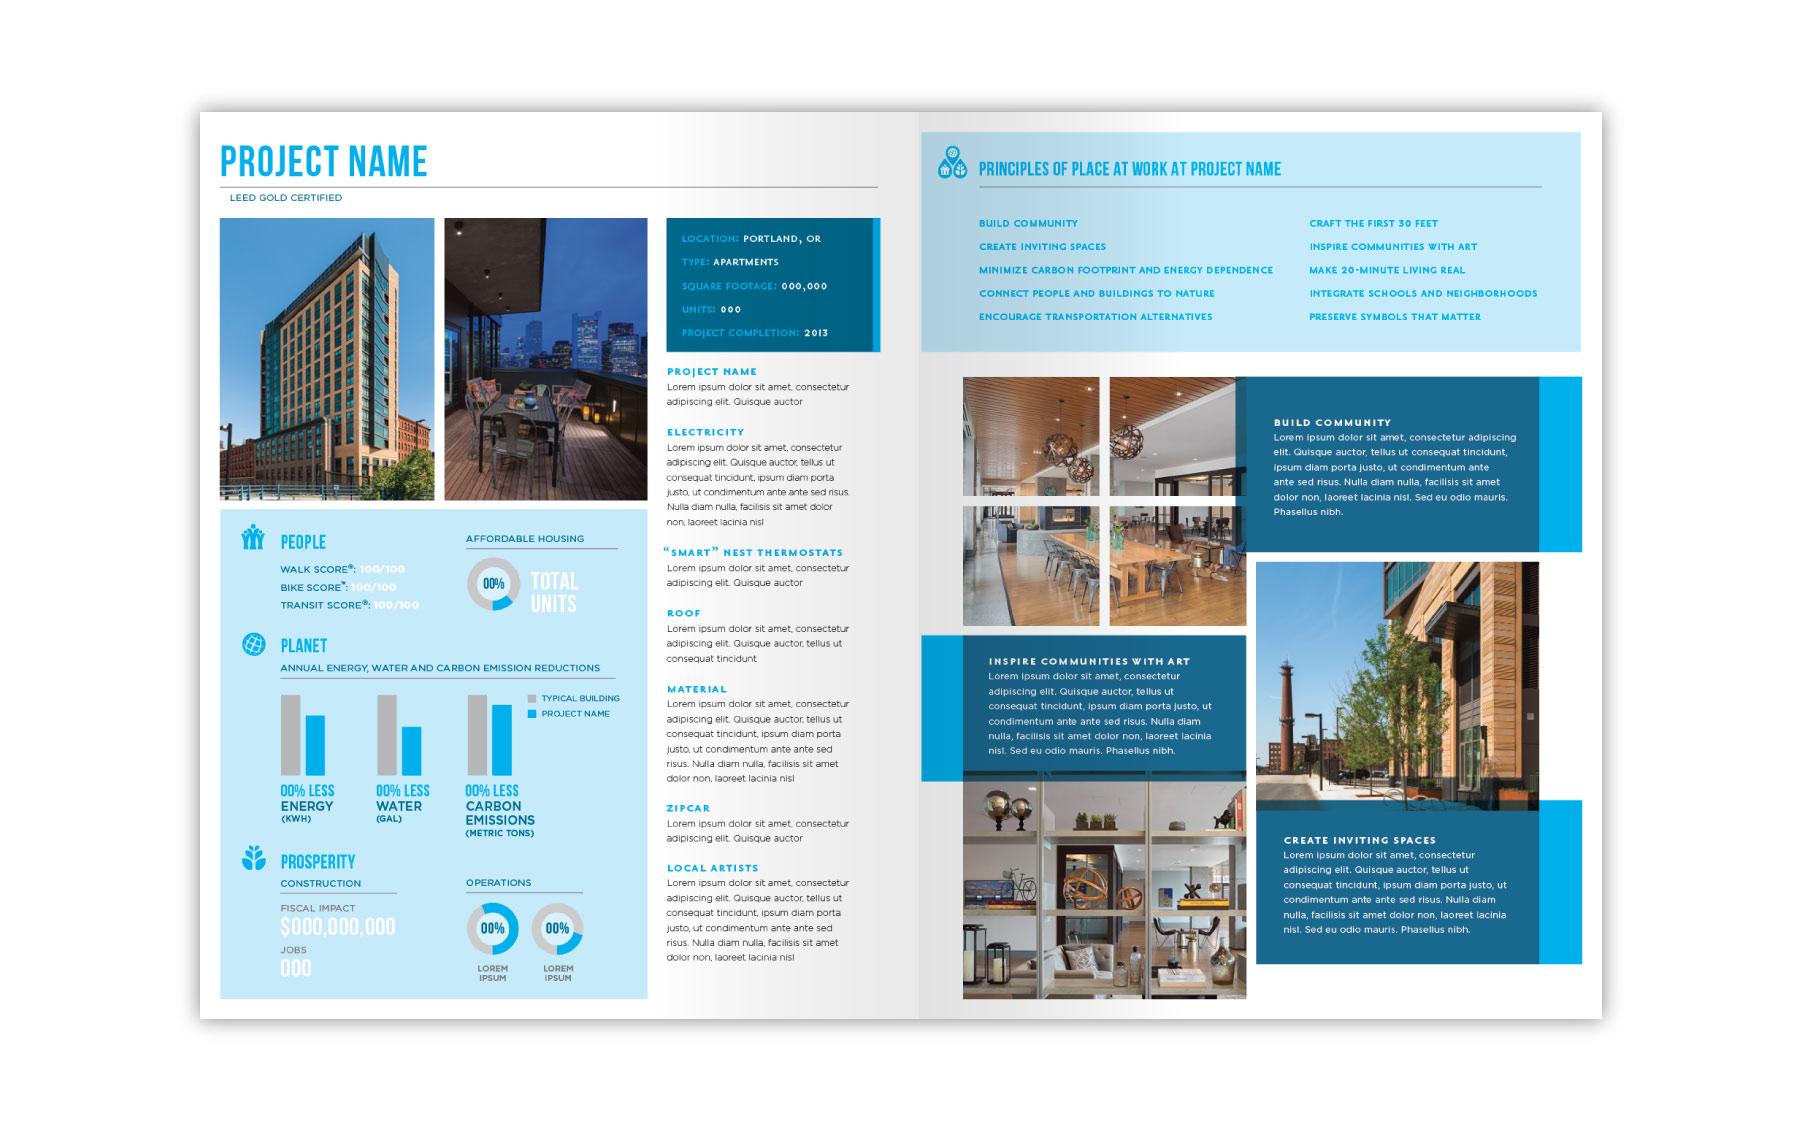 Gerding-Edlen-Sustainability-Report-5.jpg